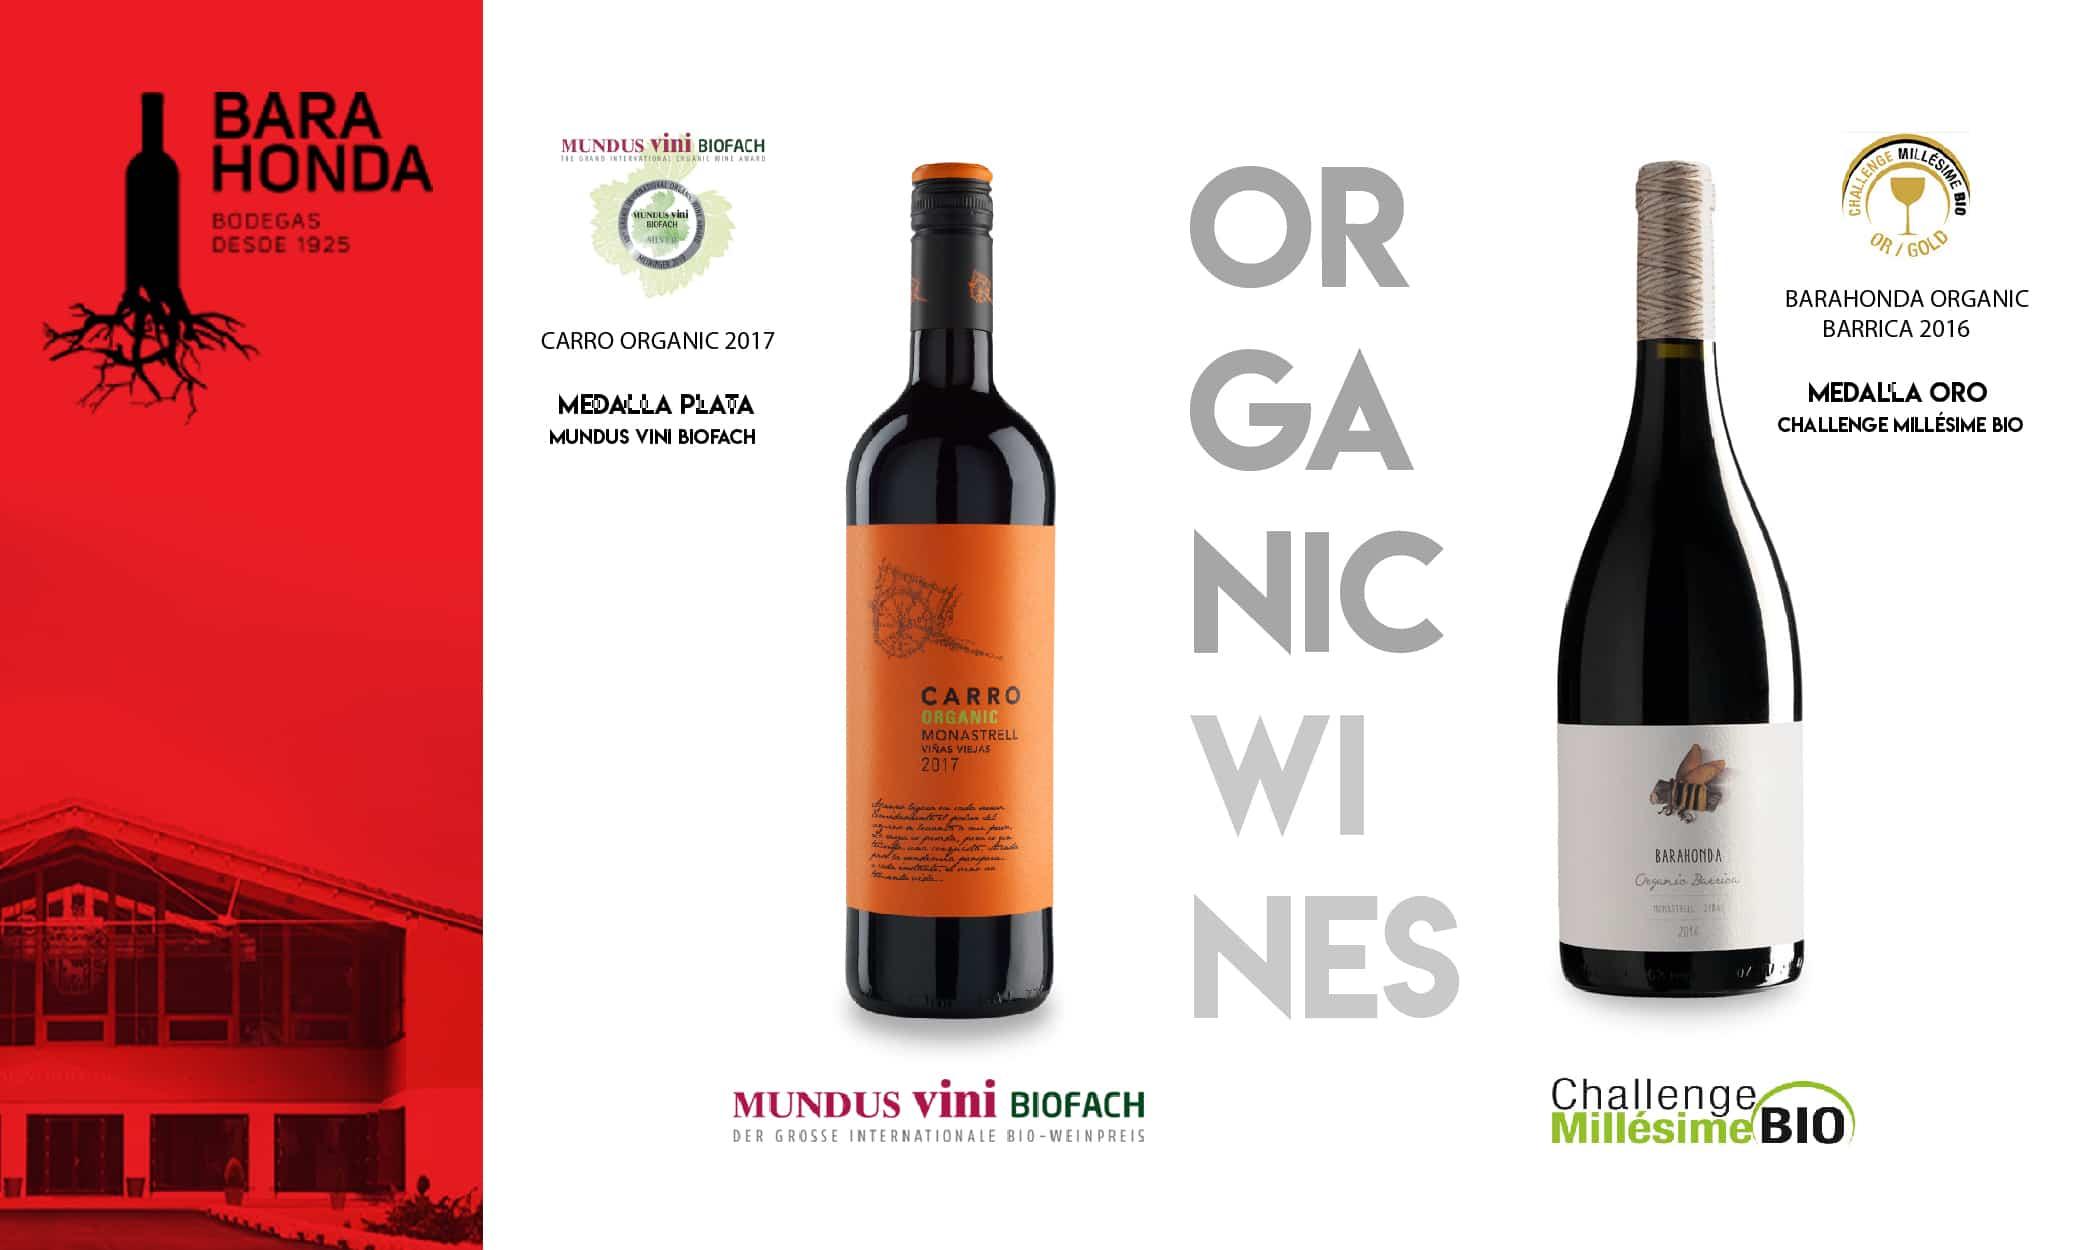 Dos de nuestros vinos ecológicos premiados en Alemania y Francia